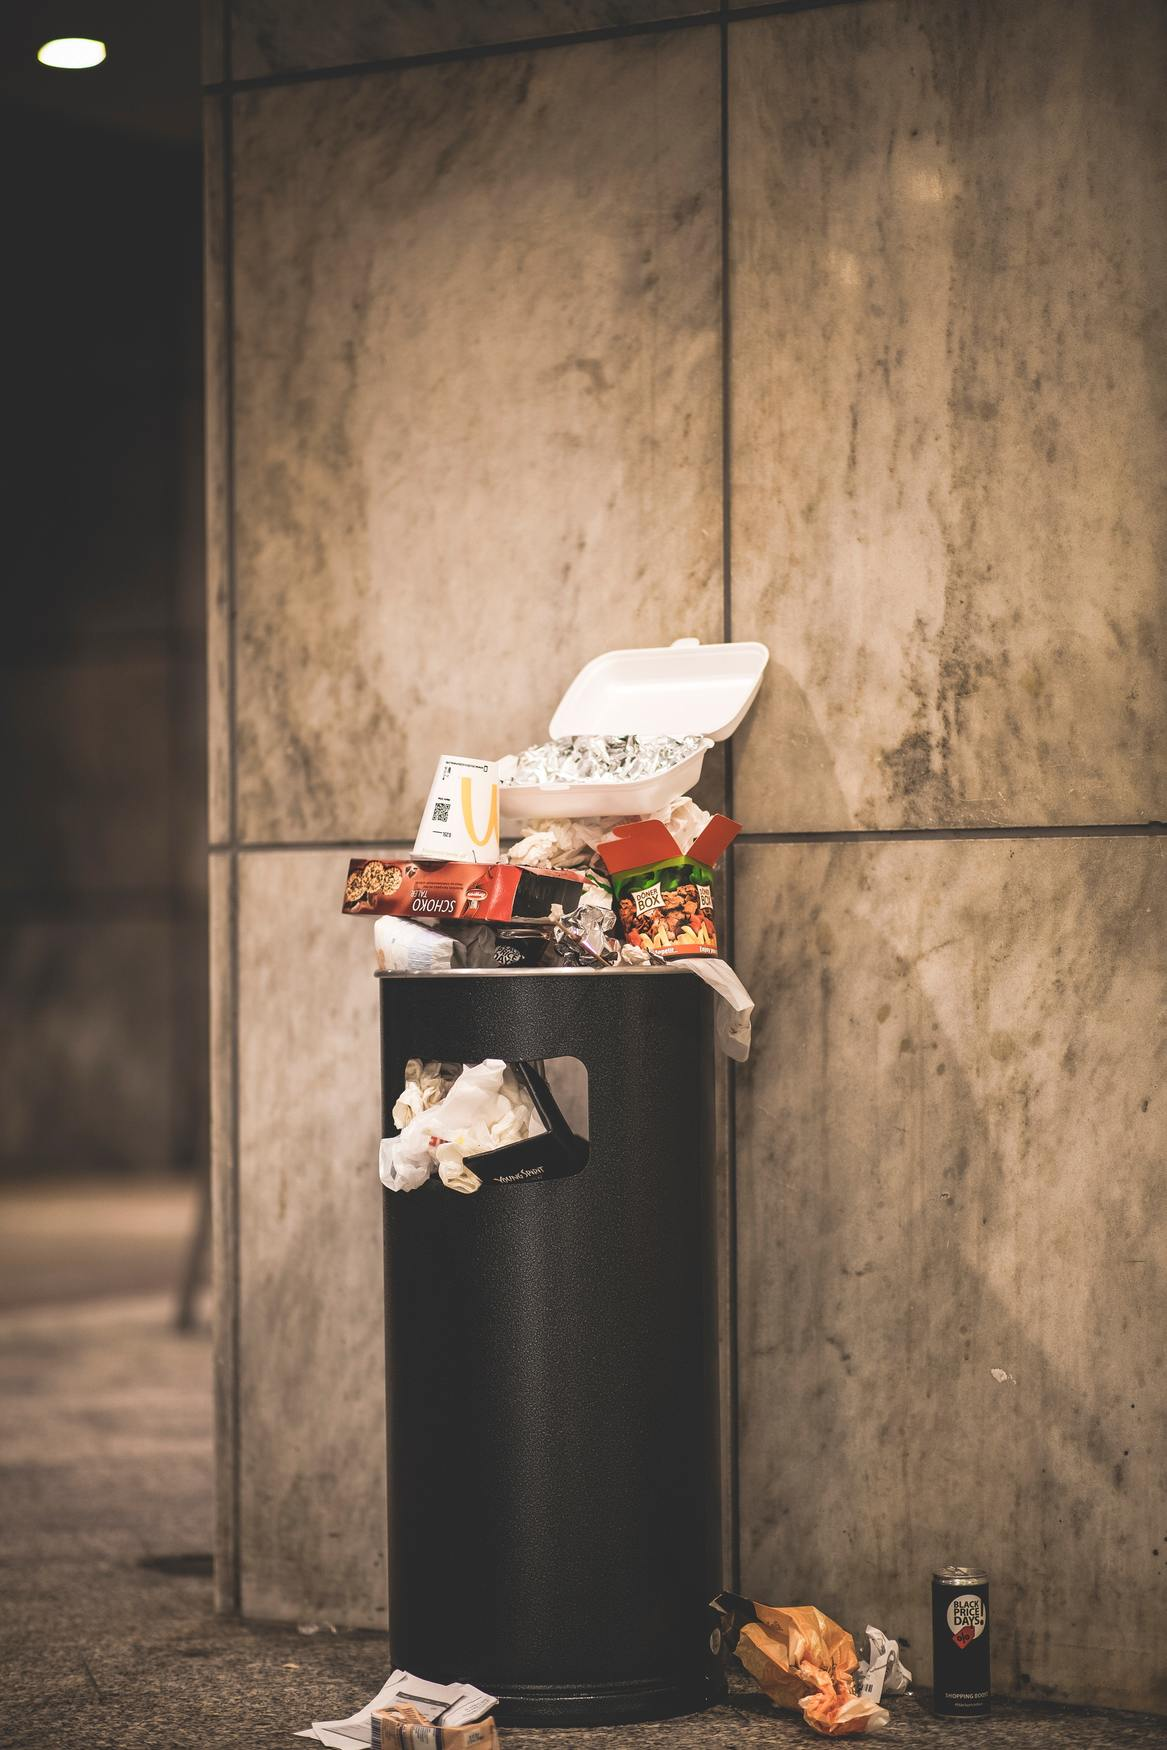 cestino pieno di immondizia che raffigura lo spreco alimentare